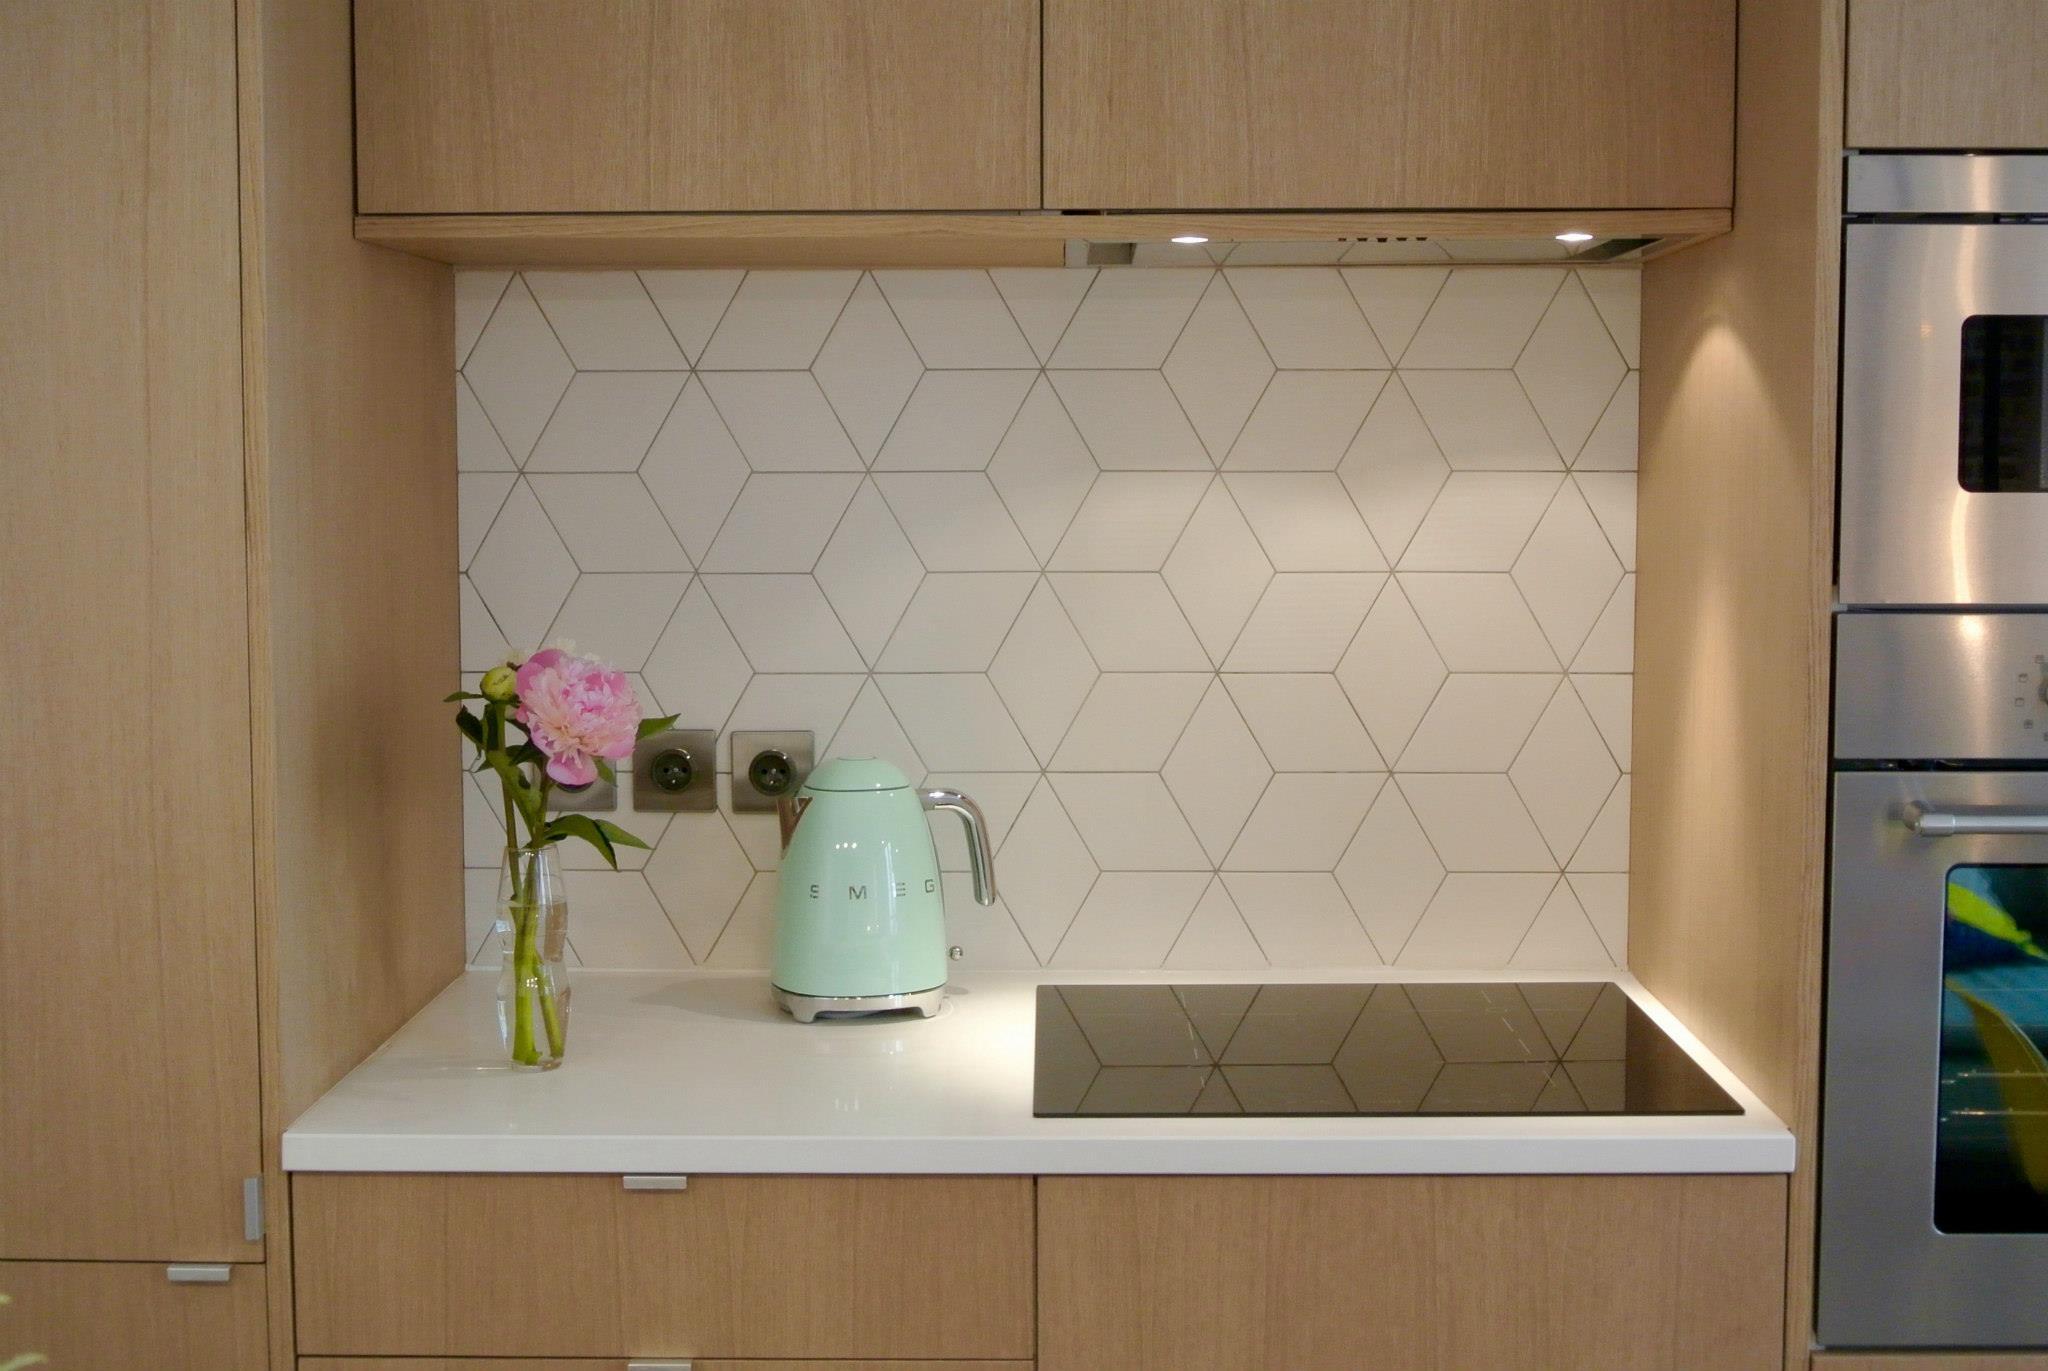 Aranżacja małej kuchni, źródło: dekorpa.com